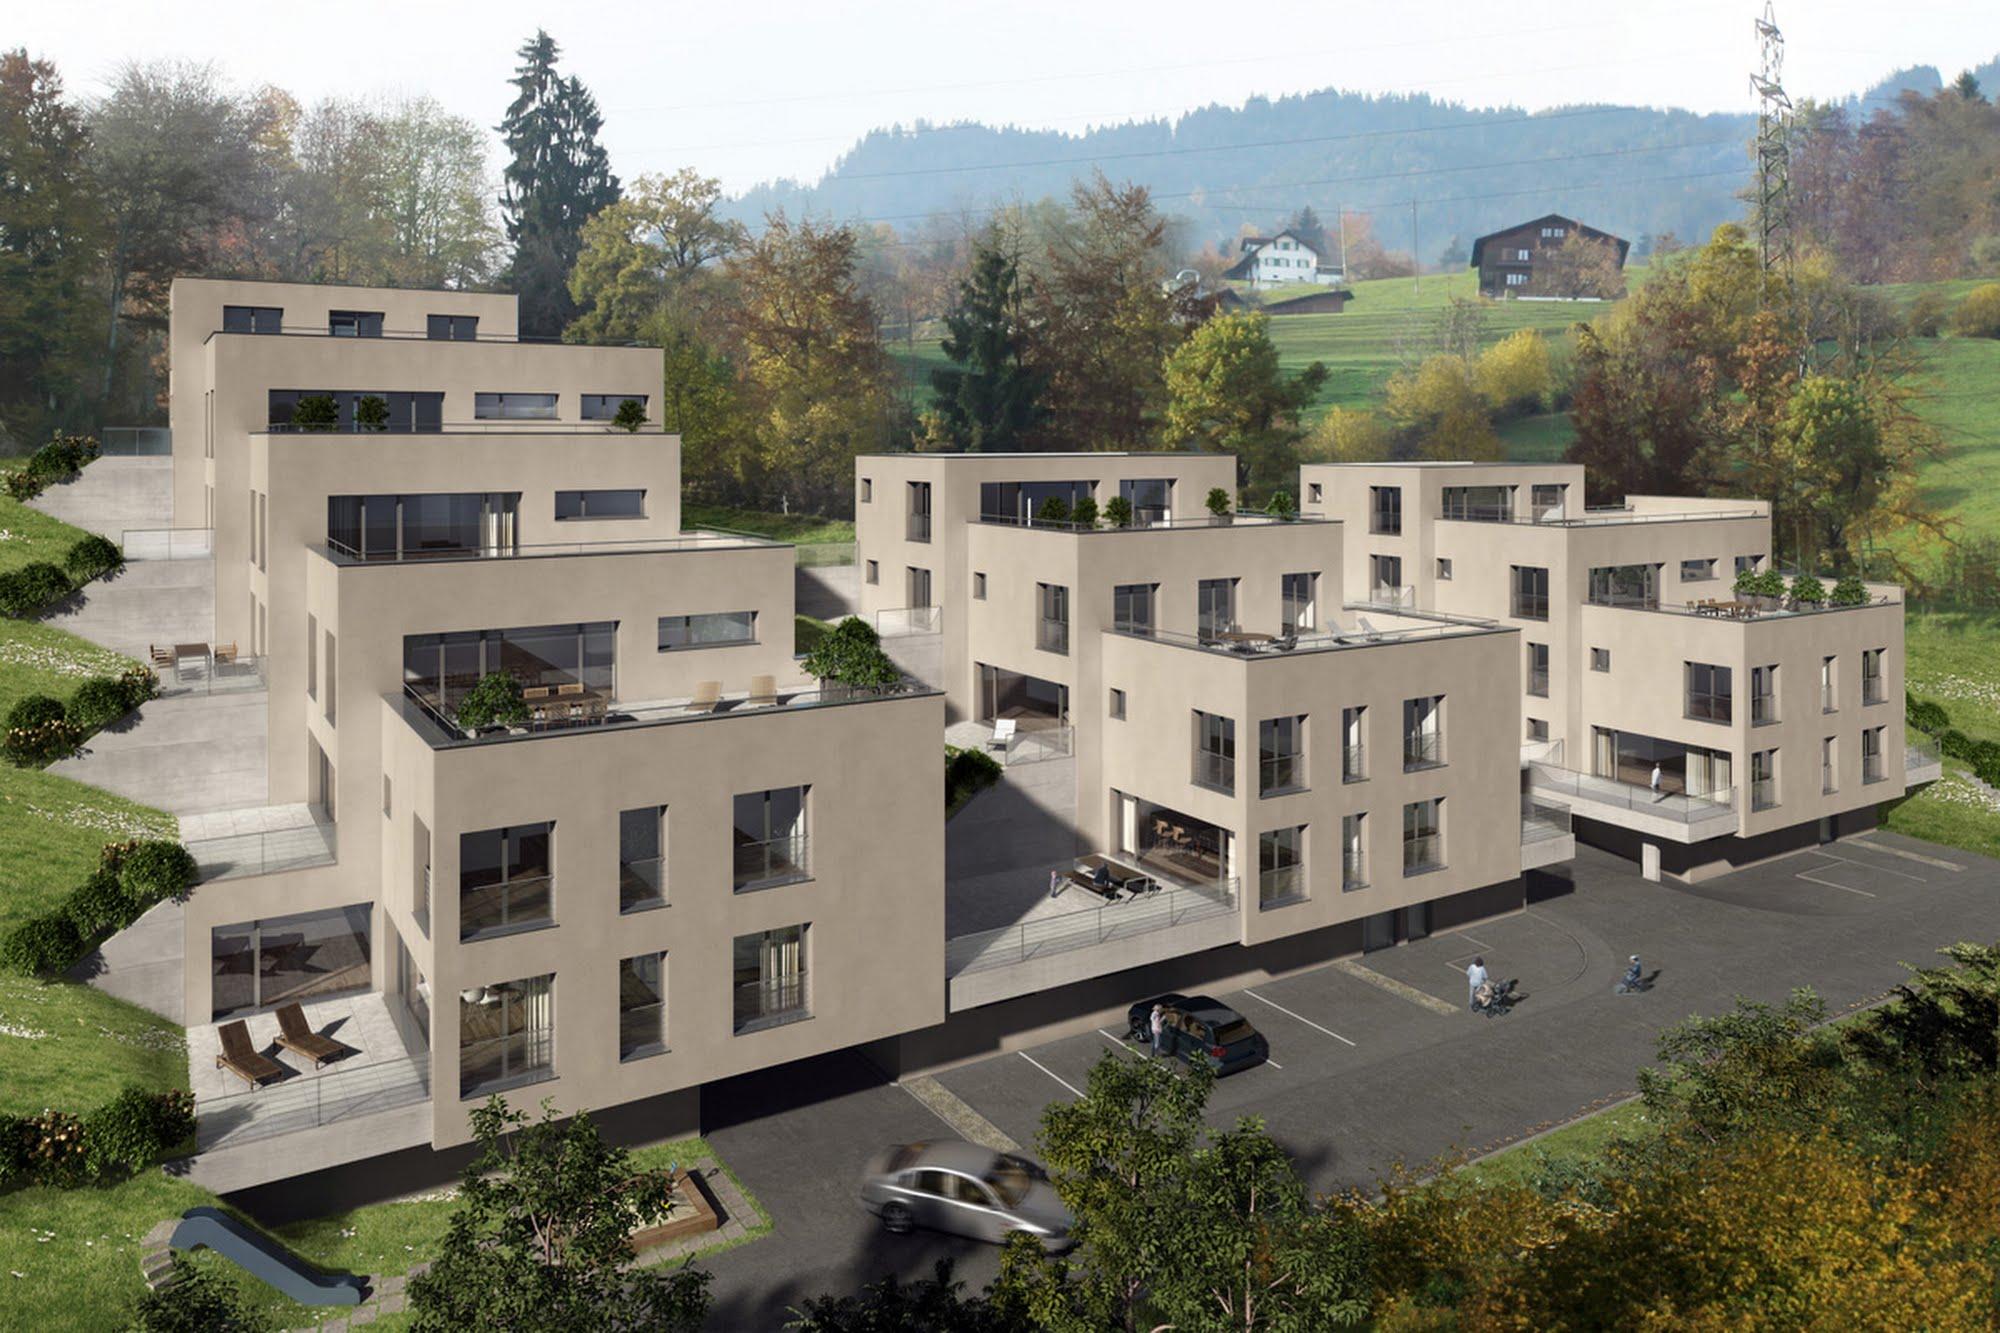 Wohnen MFH 3 Terrassenhäuser in Sarnen Architektur,Wohnungsbau,Wohnhäuser,Einfamilienhäuser,Mehrfamilienhäuser